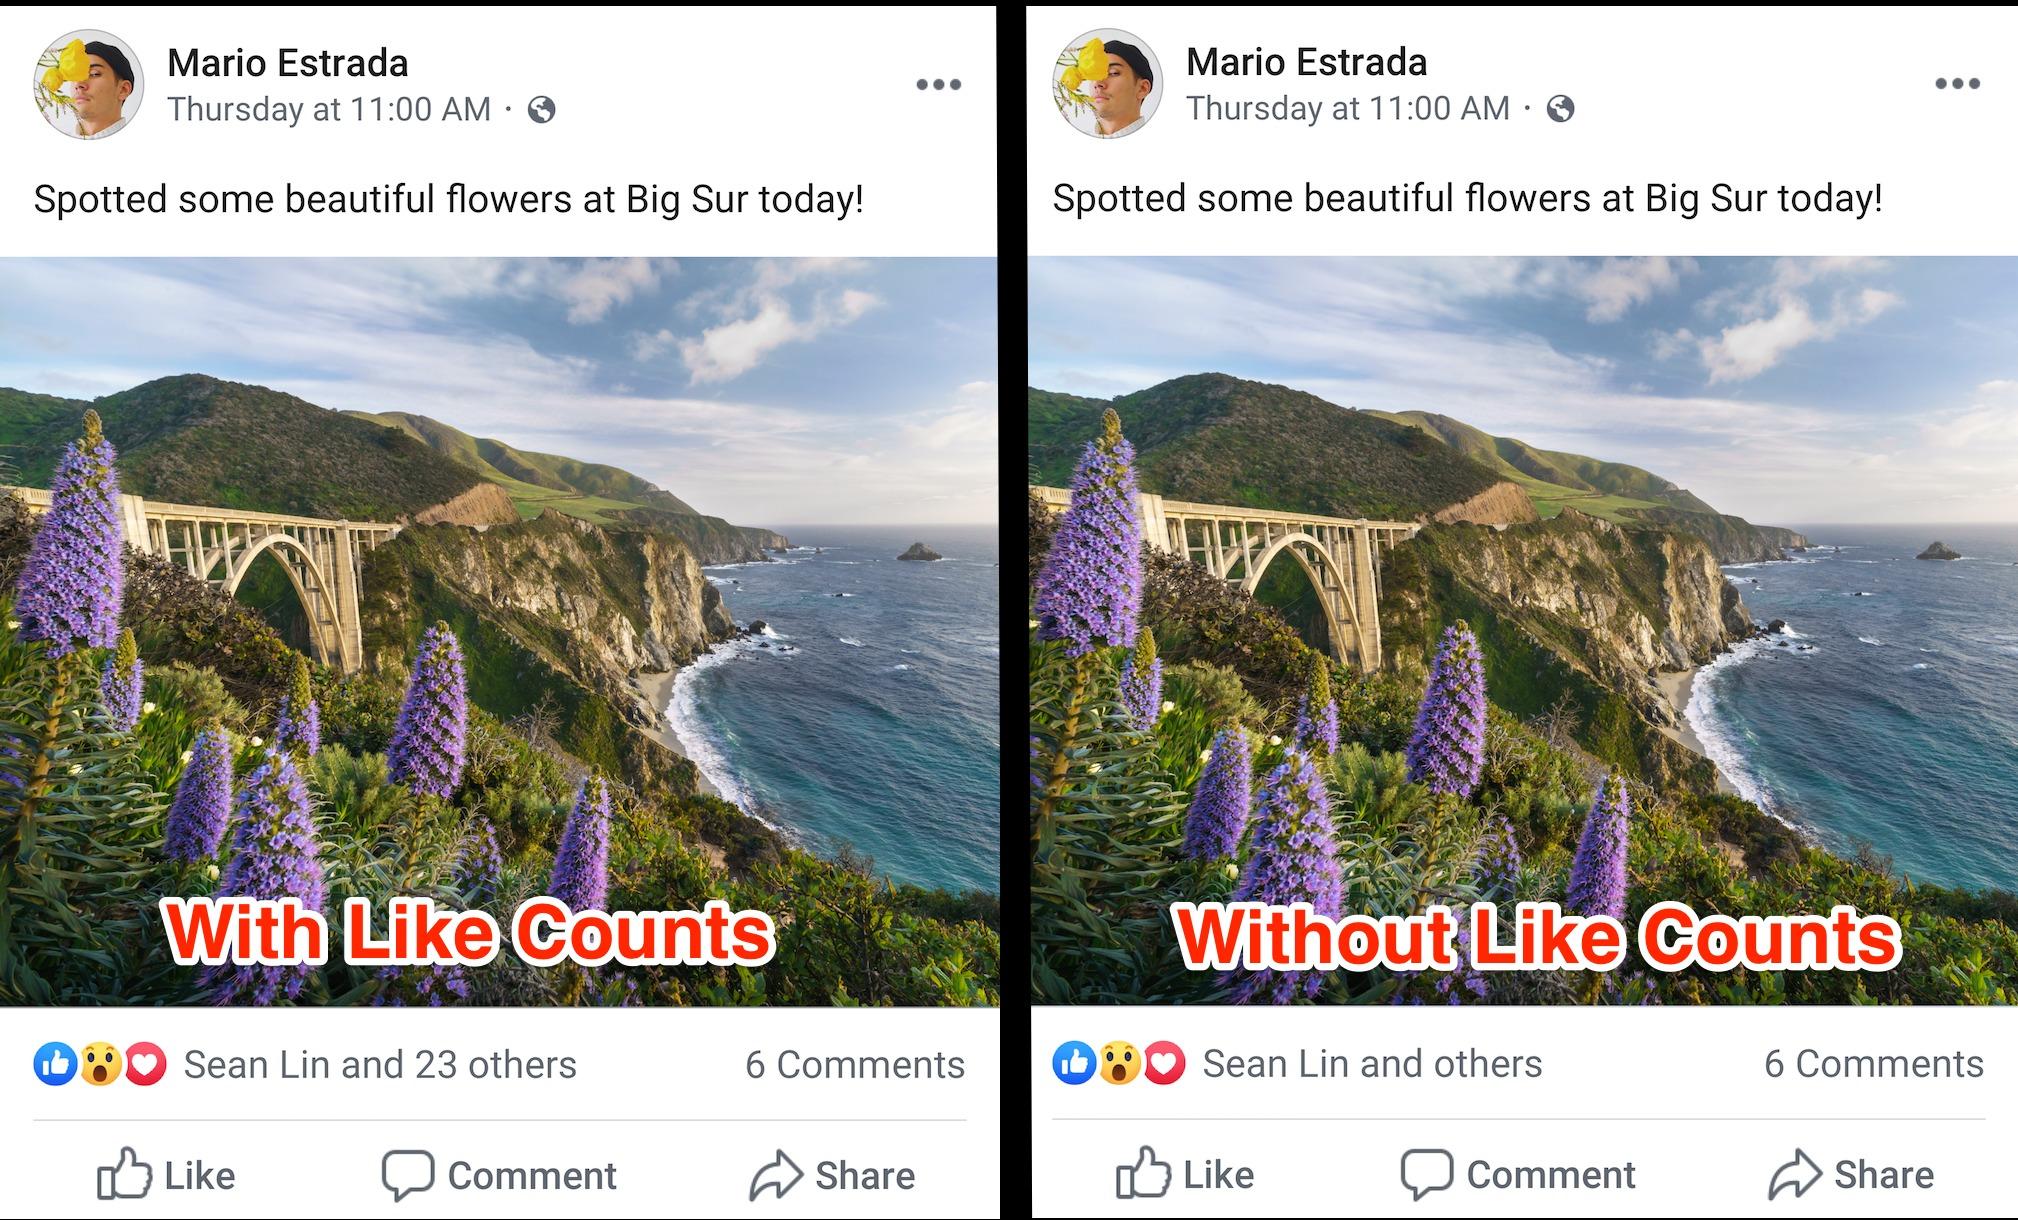 Comenzó Facebook a ocultar 'likes' de algunos para evitar